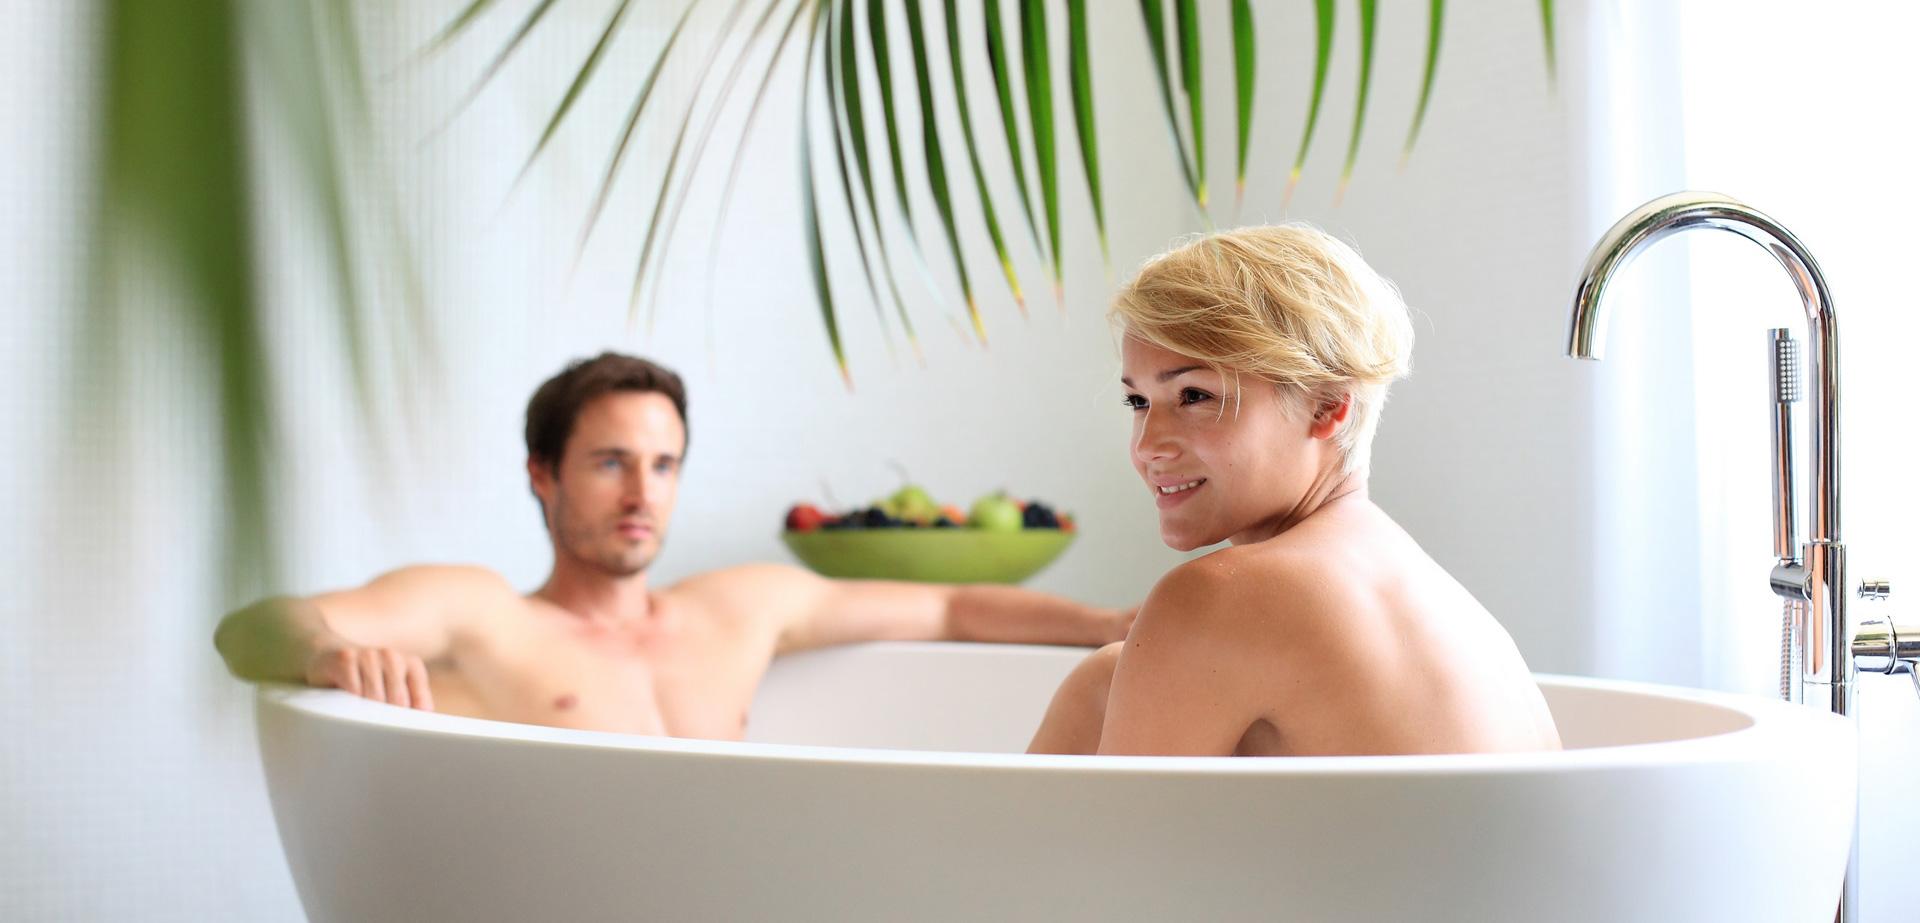 Bagno rilassante nella vasca idromassaggio